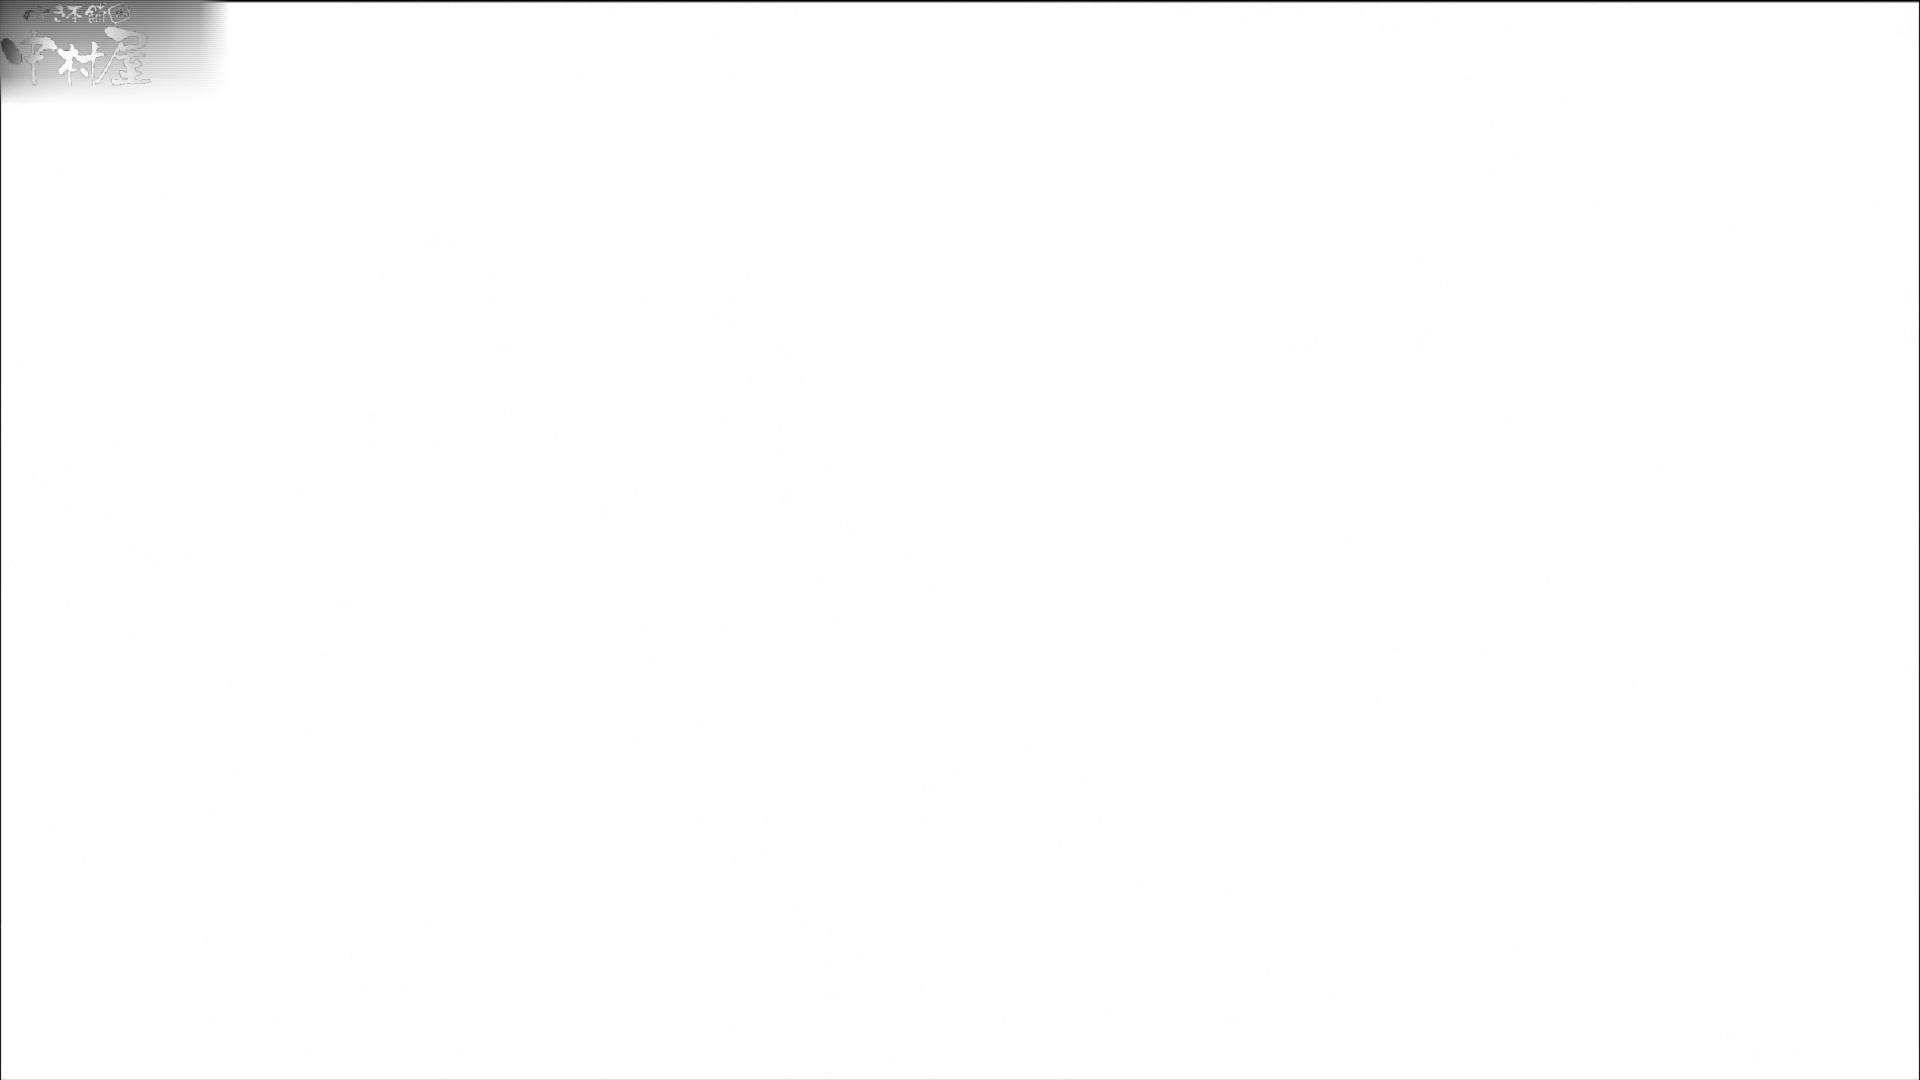 お市さんの「お尻丸出しジャンボリー」No.08 覗き ワレメ無修正動画無料 104pic 28